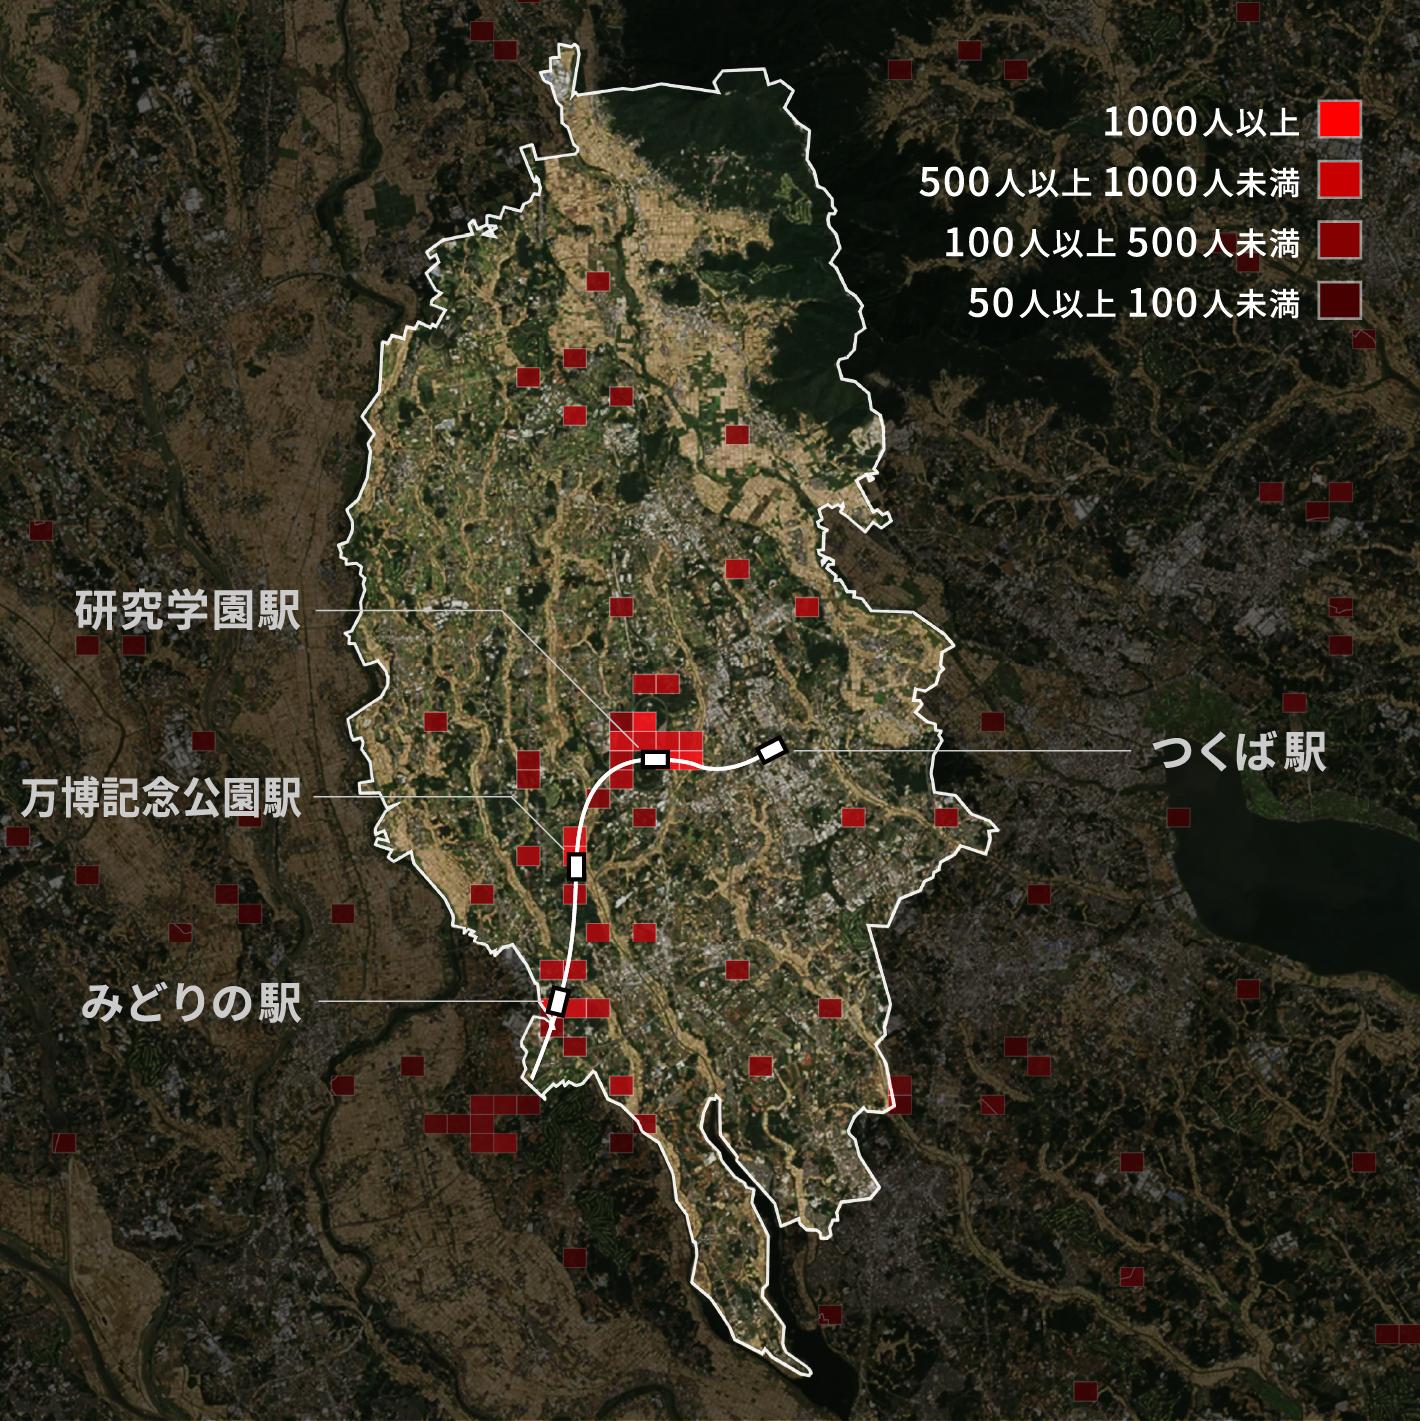 遠いコンパクトシティー 止まらぬ居住地膨張:日本経済新聞